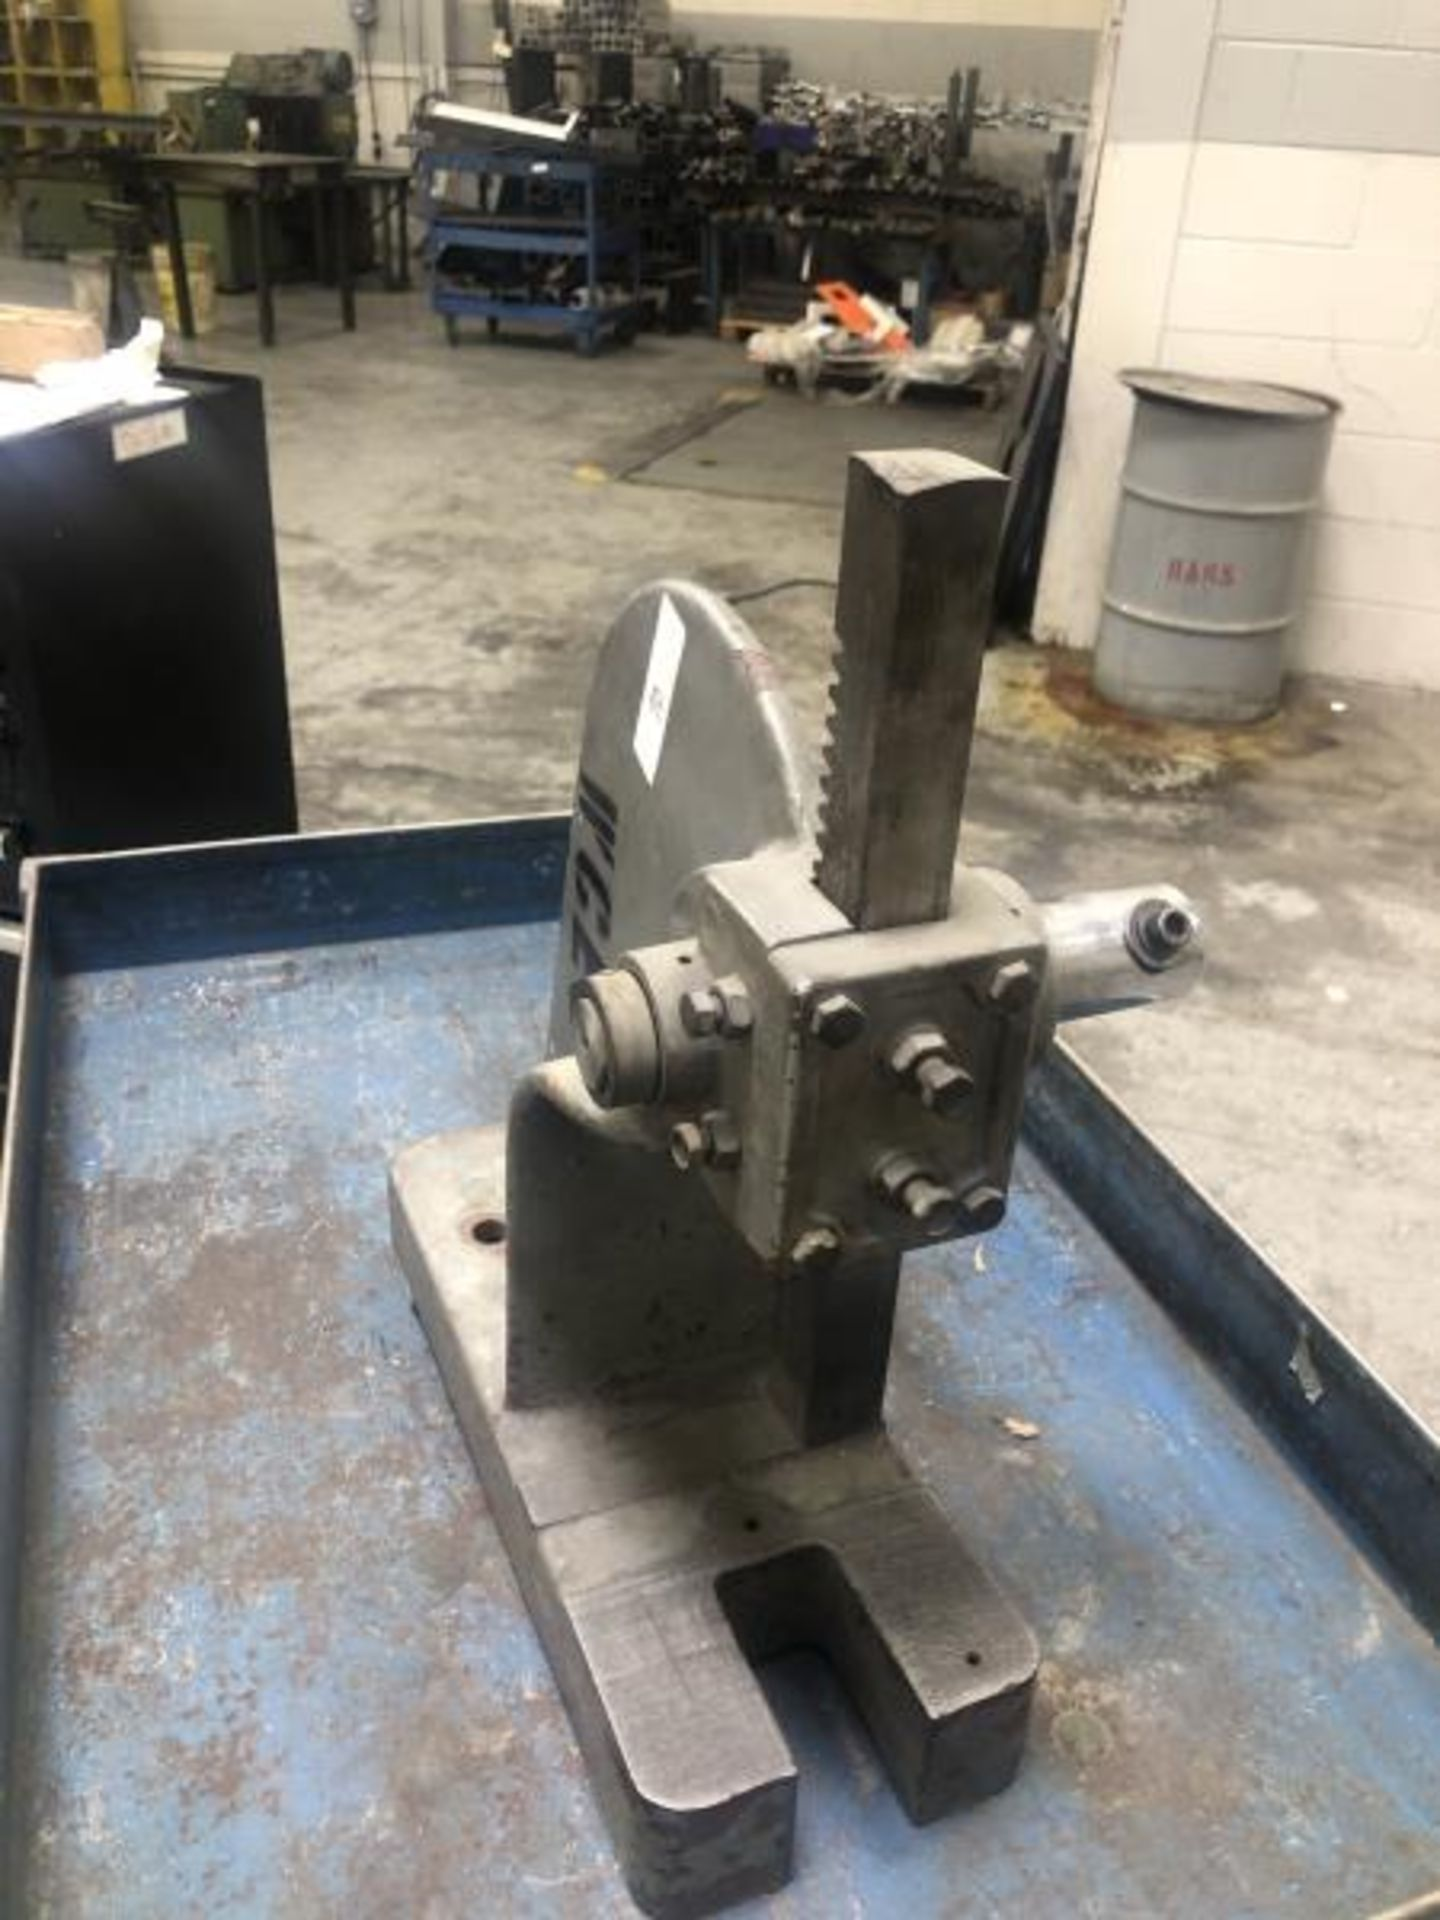 Manual arbor press - Image 2 of 3